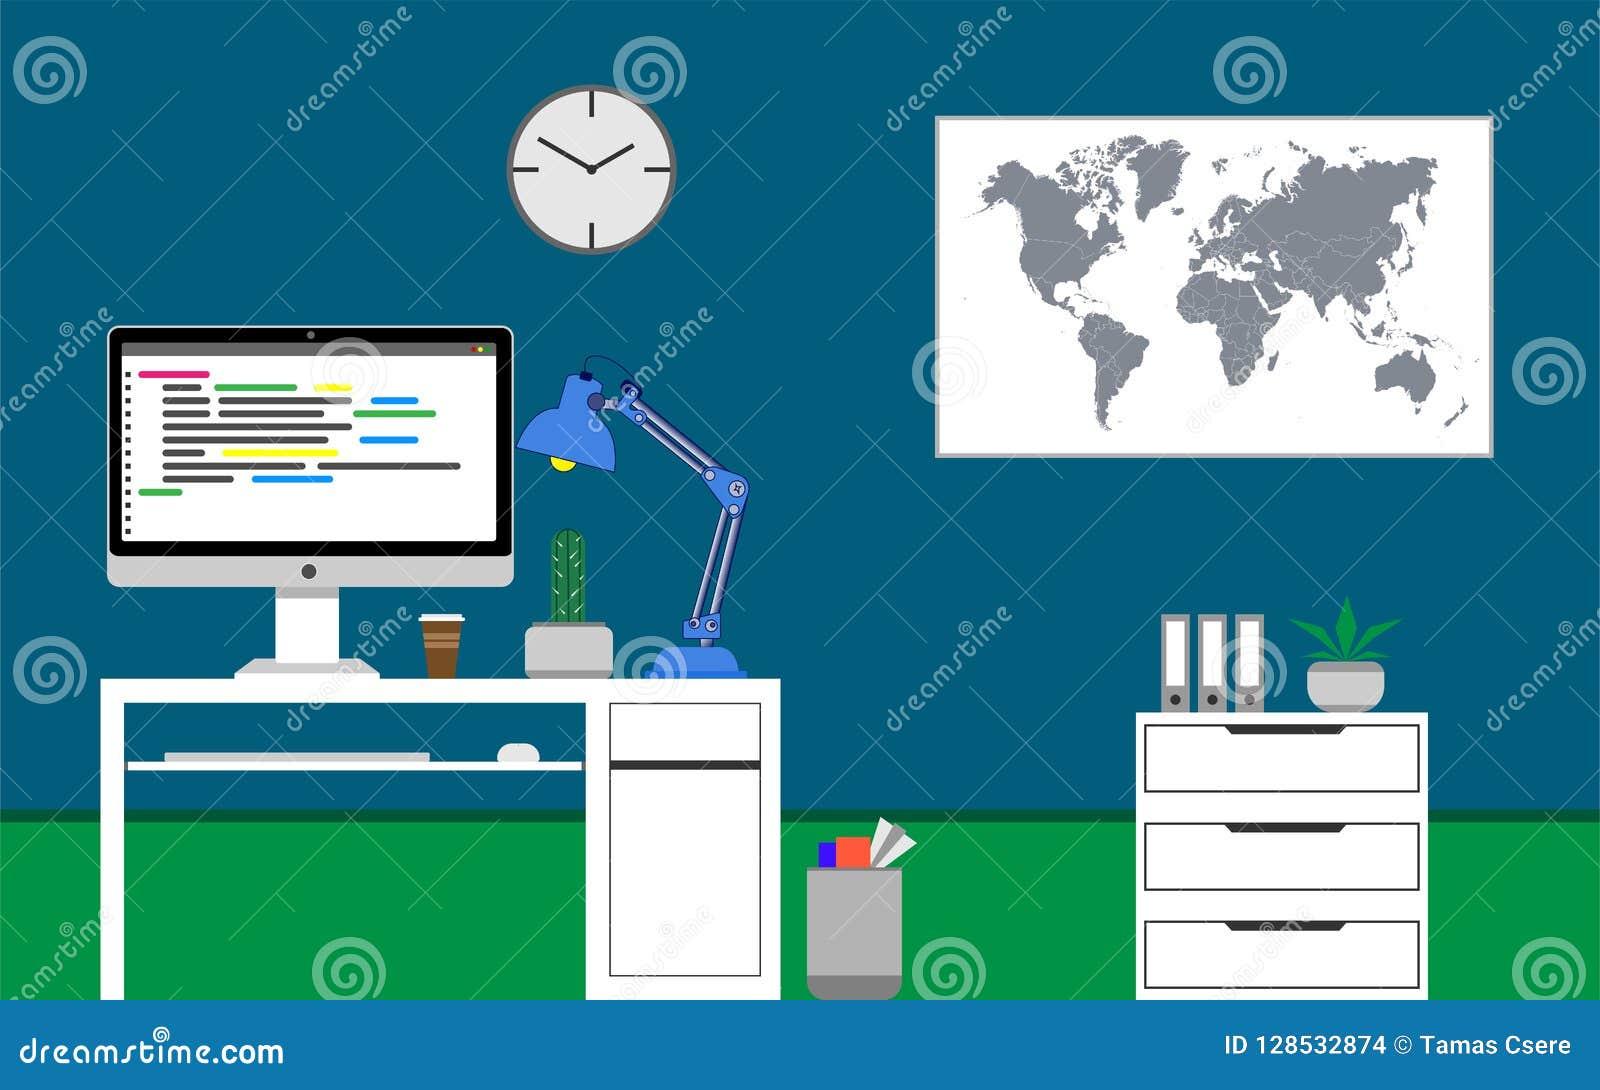 Έννοια Υπουργείων Εσωτερικών Κώδικας προγραμματισμού της Ιάβας στο όργανο ελέγχου Κάκτος στο γραφείο επίσης corel σύρετε το διάνυ